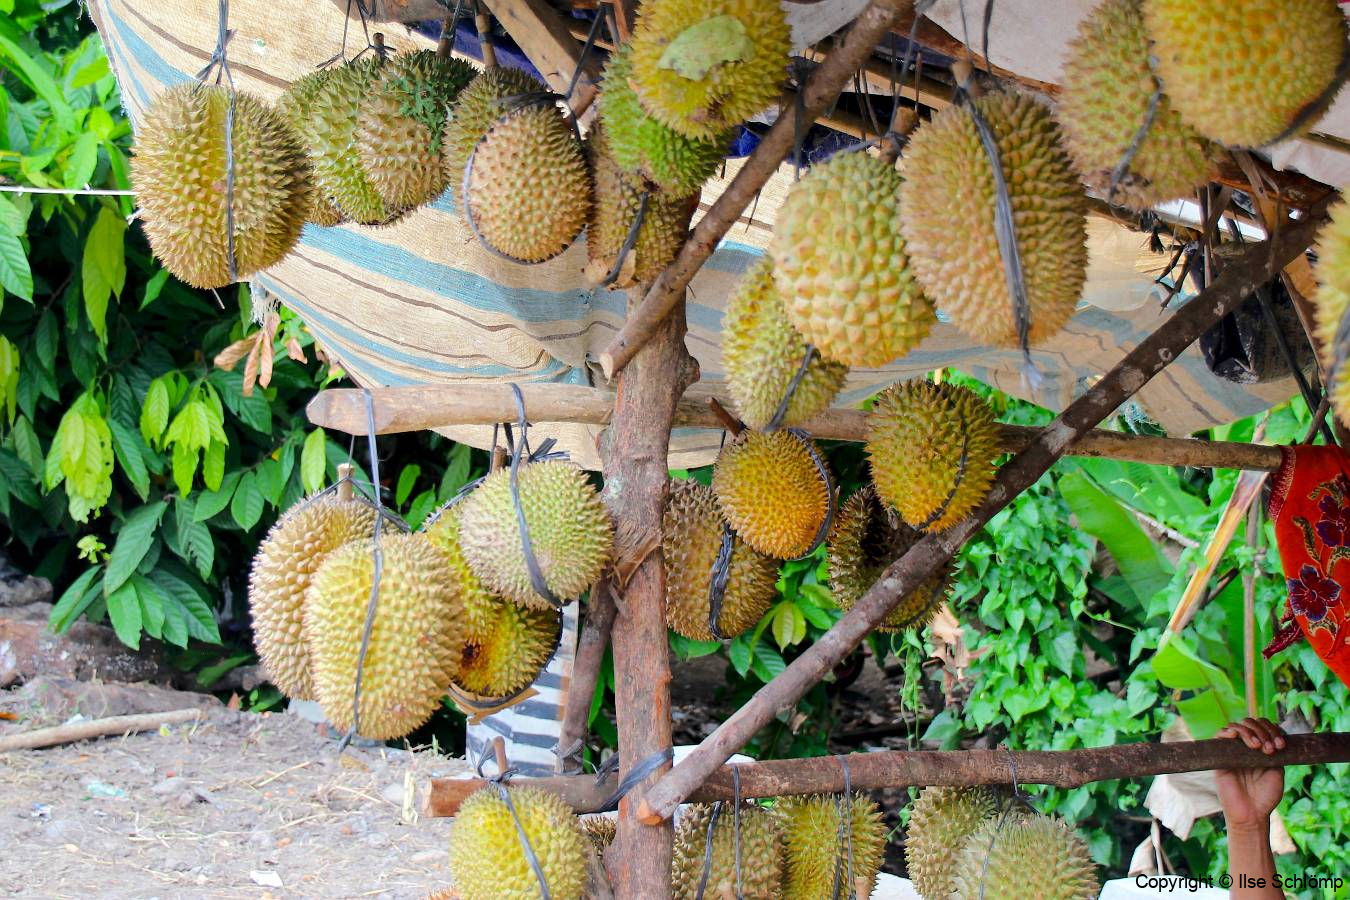 Sumatra, Umgebung Bukittinggi, Durianstand